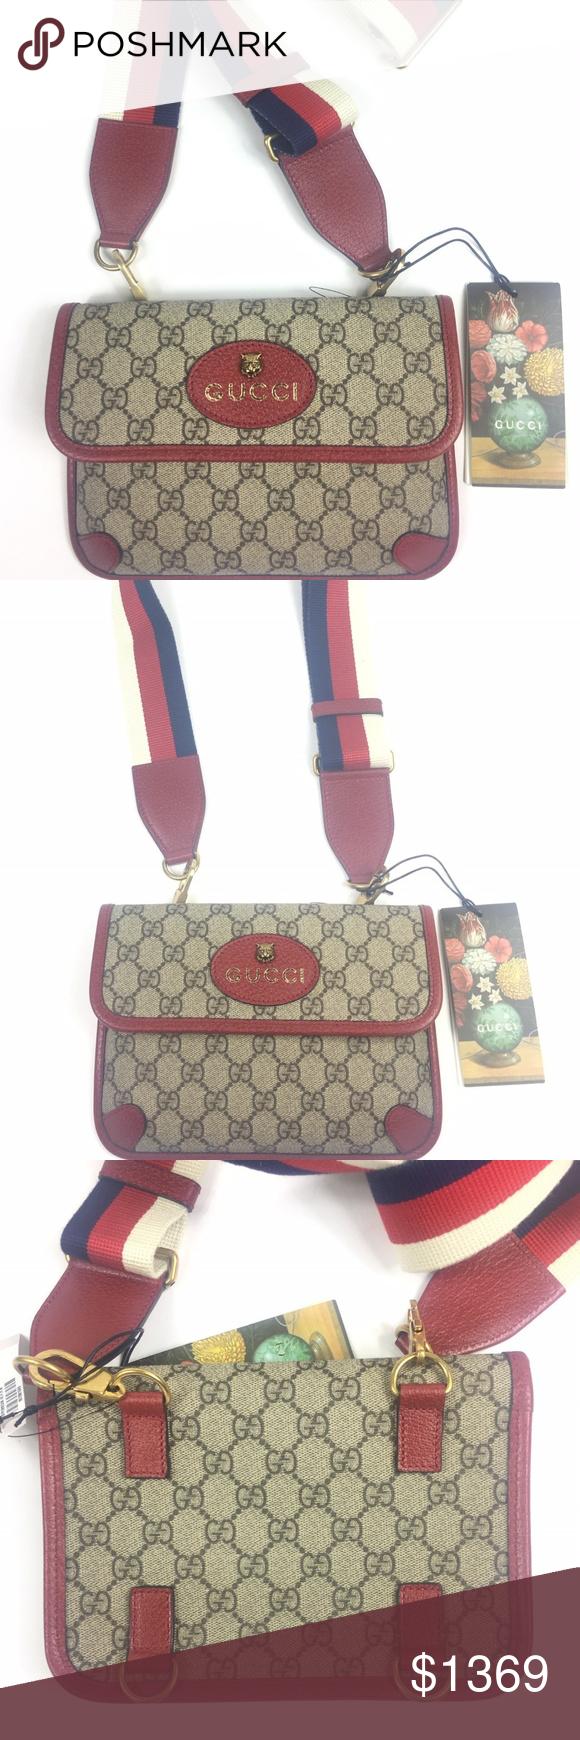 068ee90df1e Gucci  489617 GG Supreme Totem Cat Messenger Bag   Beige Ebony GG Supreme  Coated